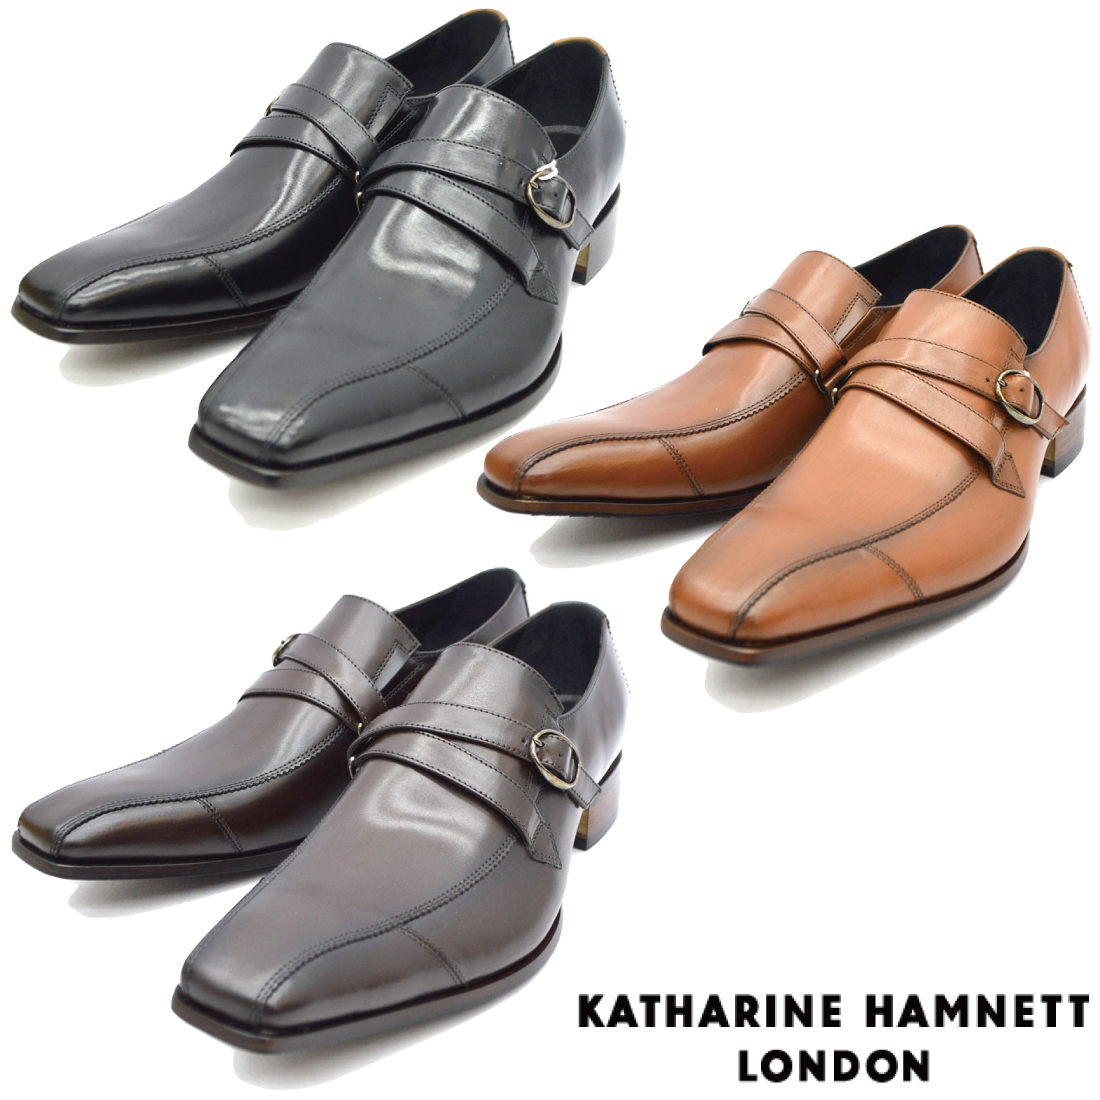 KATHARINE HAMNETT キャサリンハムネット モンクストラップ ビジネス シューズ 31591 紳士靴 【nesh】 【新品】